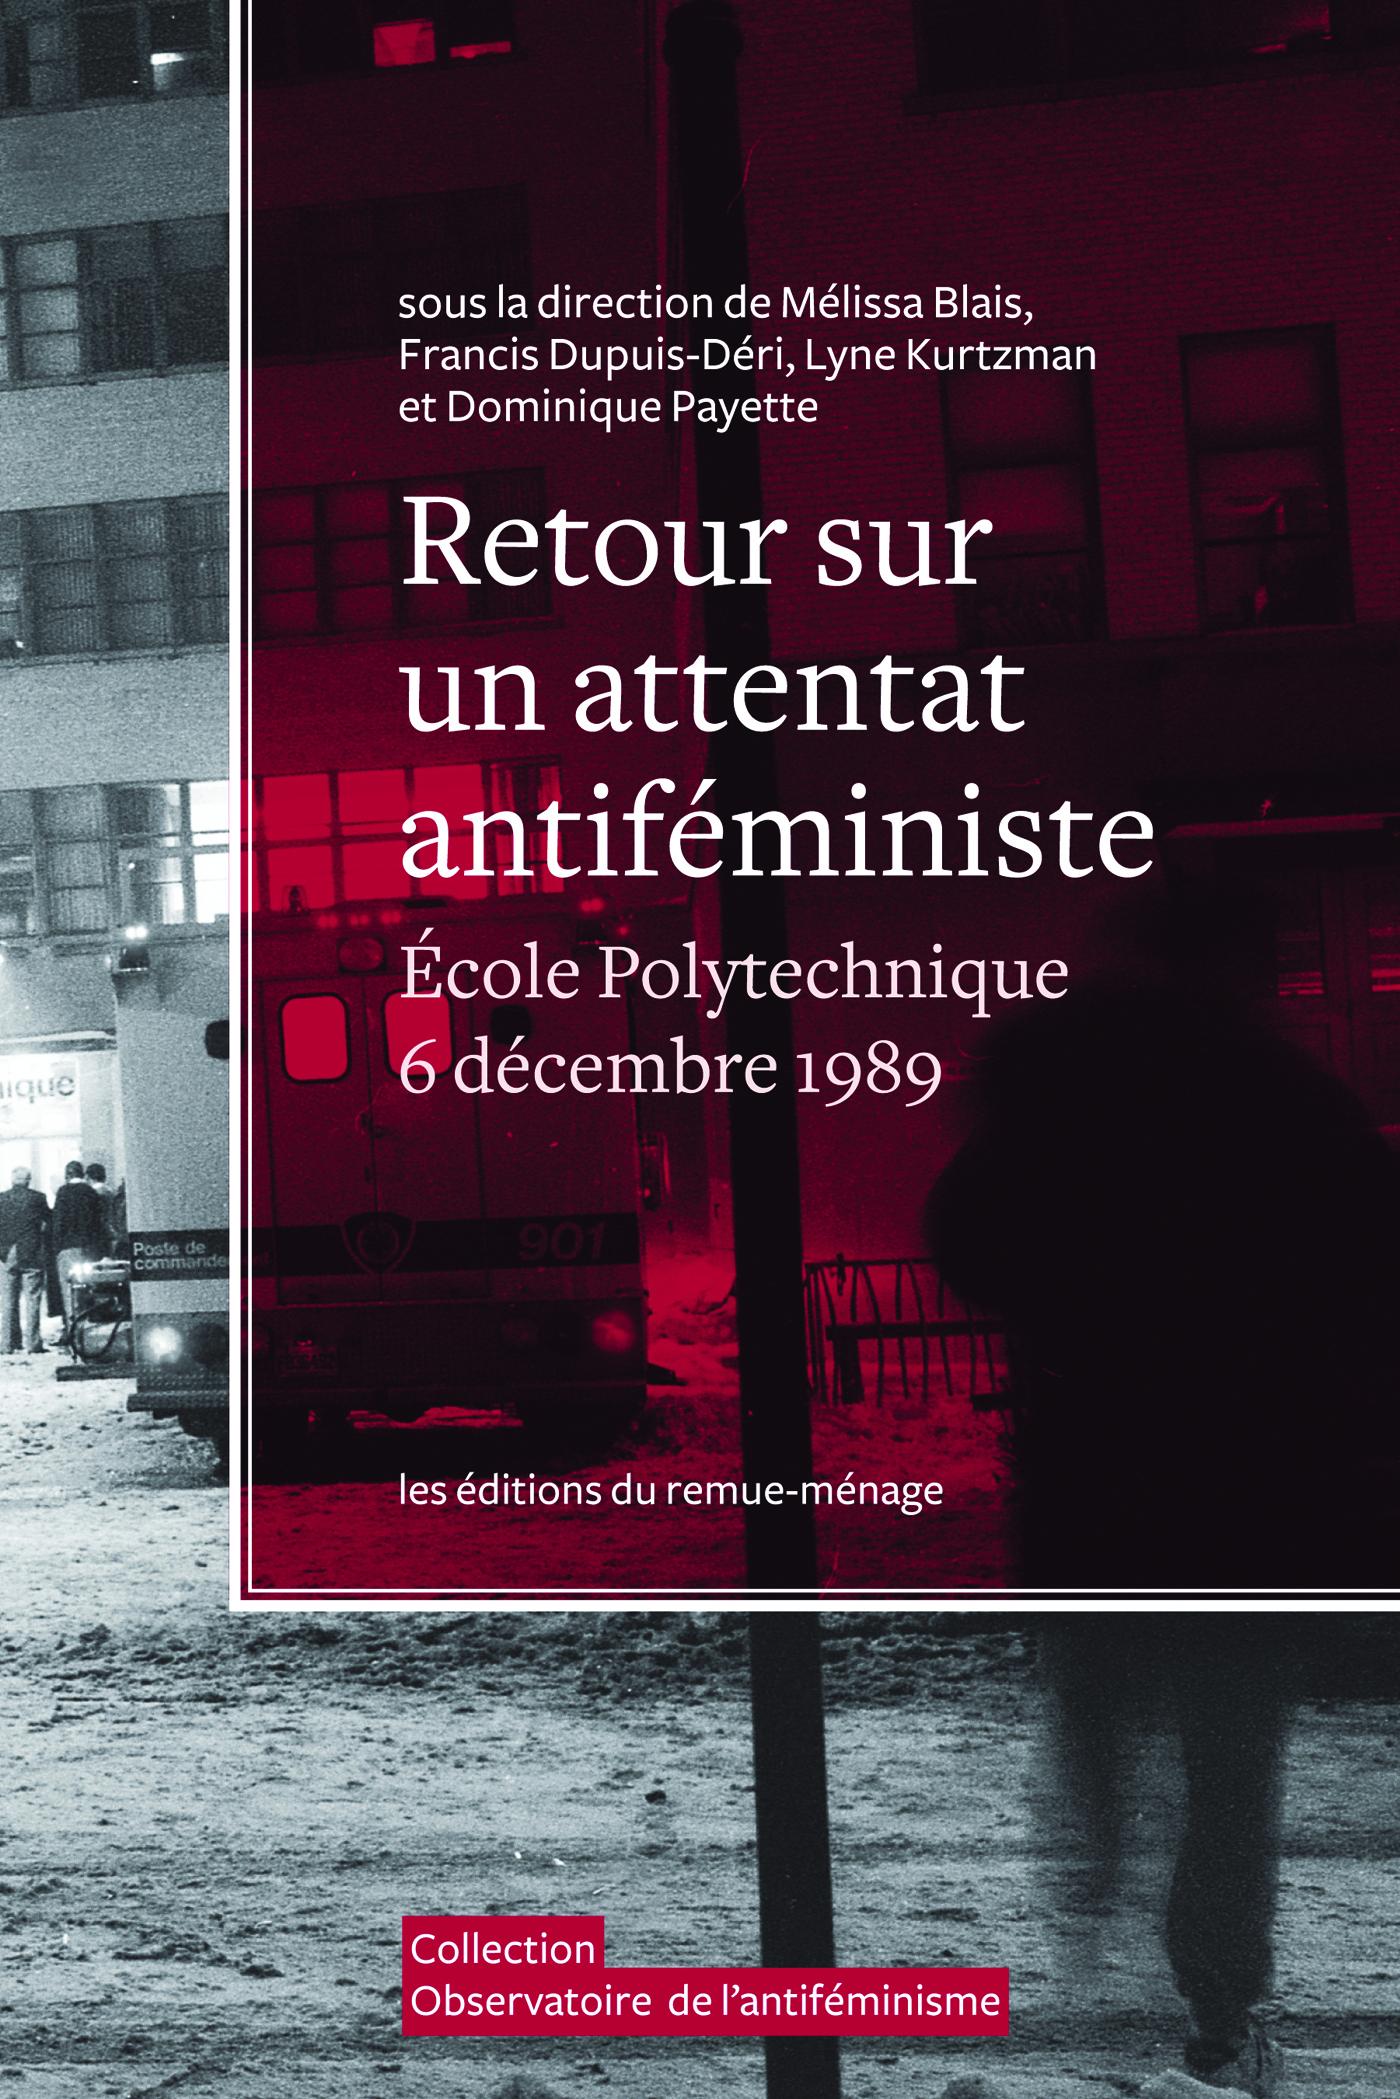 Retour sur un attentat antiféministe